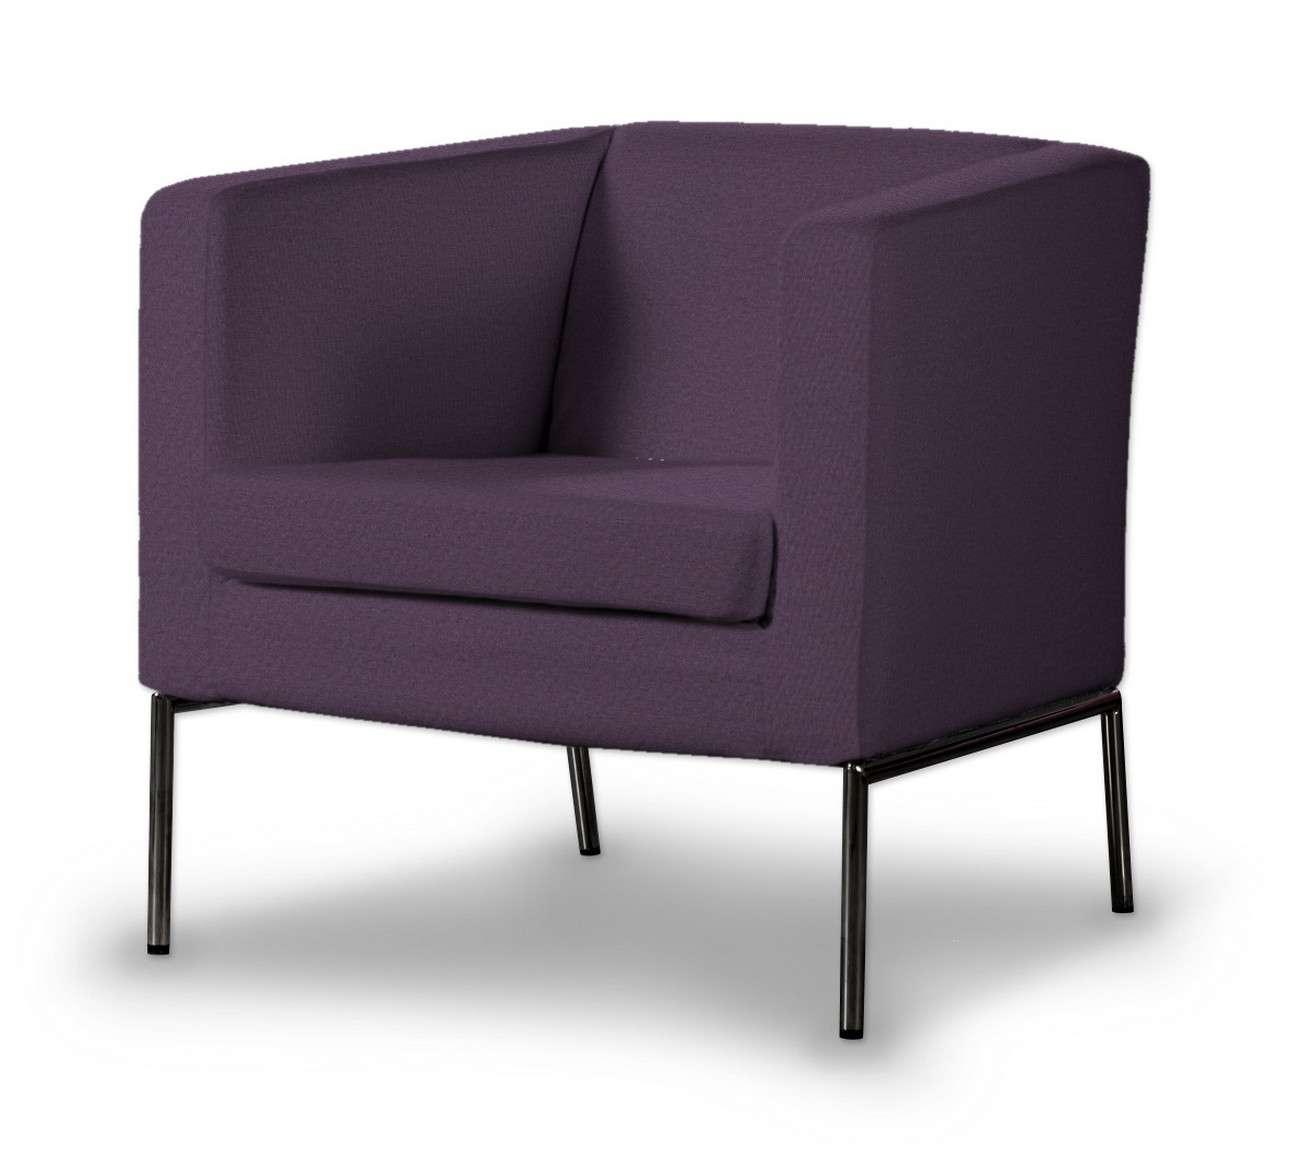 Pokrowiec na fotel Klappsta w kolekcji Etna, tkanina: 161-27